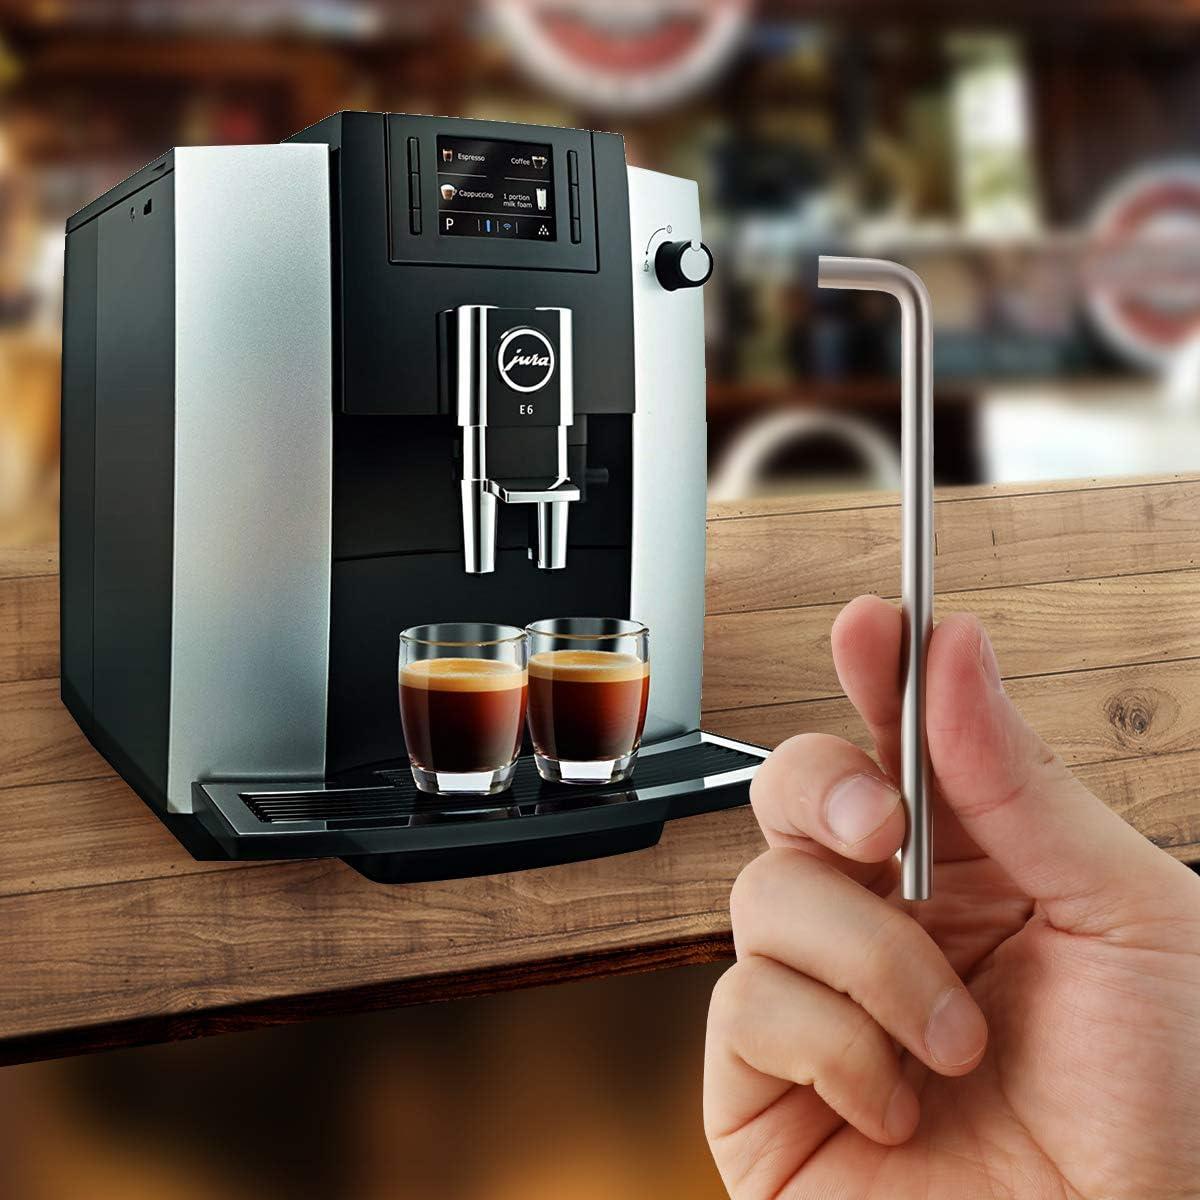 AIEVE Angle Wrench Herramienta de reemplazo de reparación de llaves de 4 mm Compatible con la cafetera Nespresso AEG Jura DeLonghi: Amazon.es: Bricolaje y herramientas